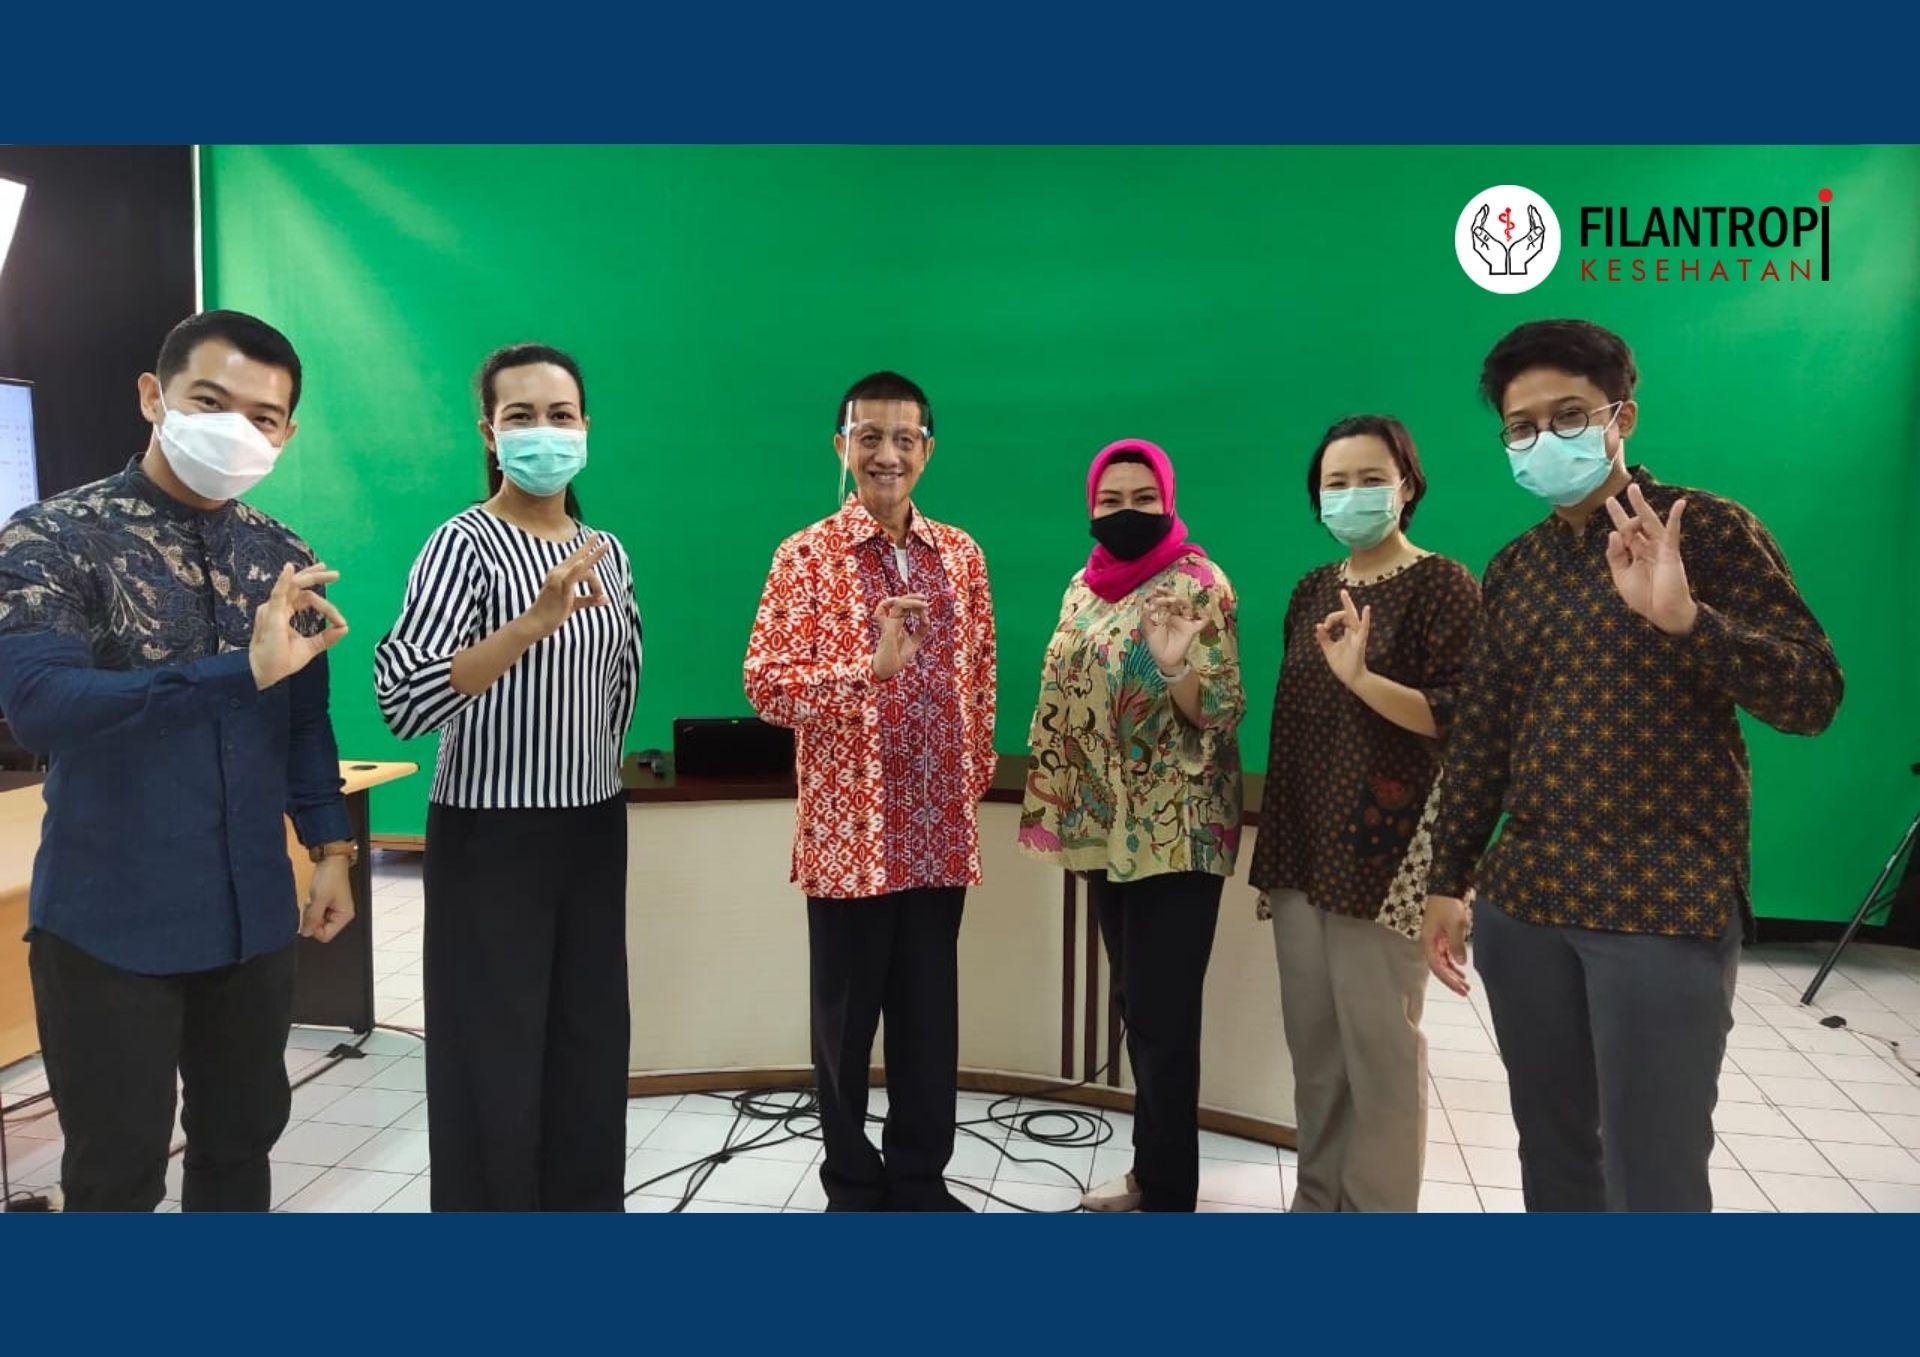 Reportase Talkshow Peranan Influencer dalam Filantropi Kesehatan